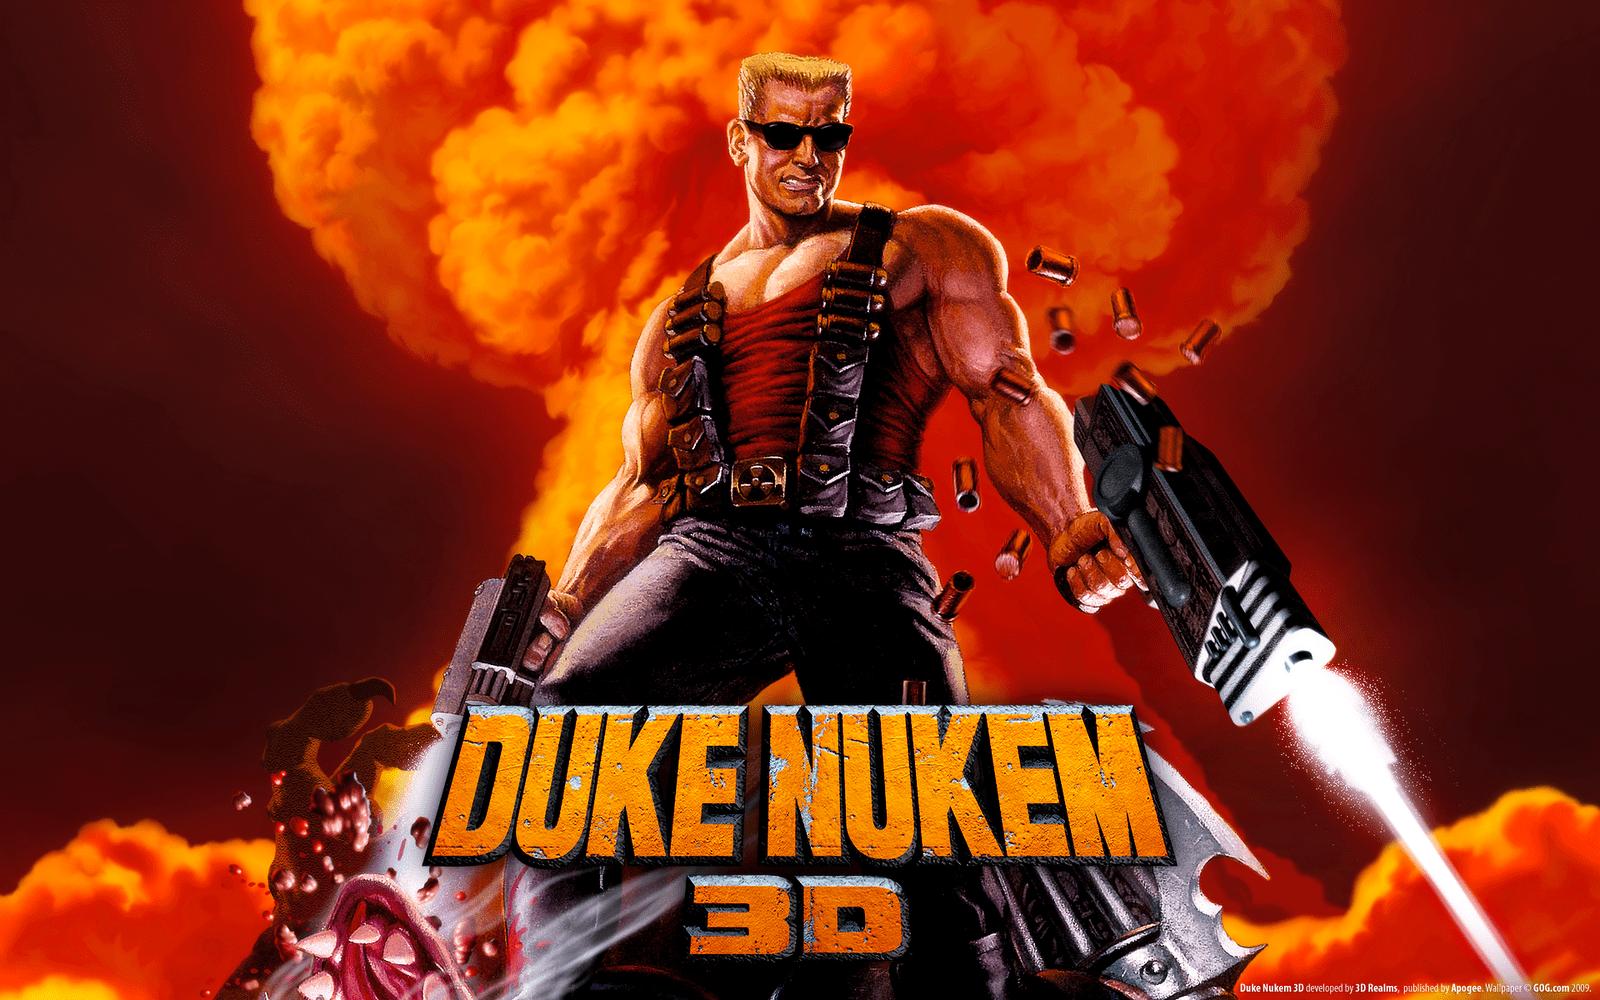 Duke Nukem 3D cover artwork